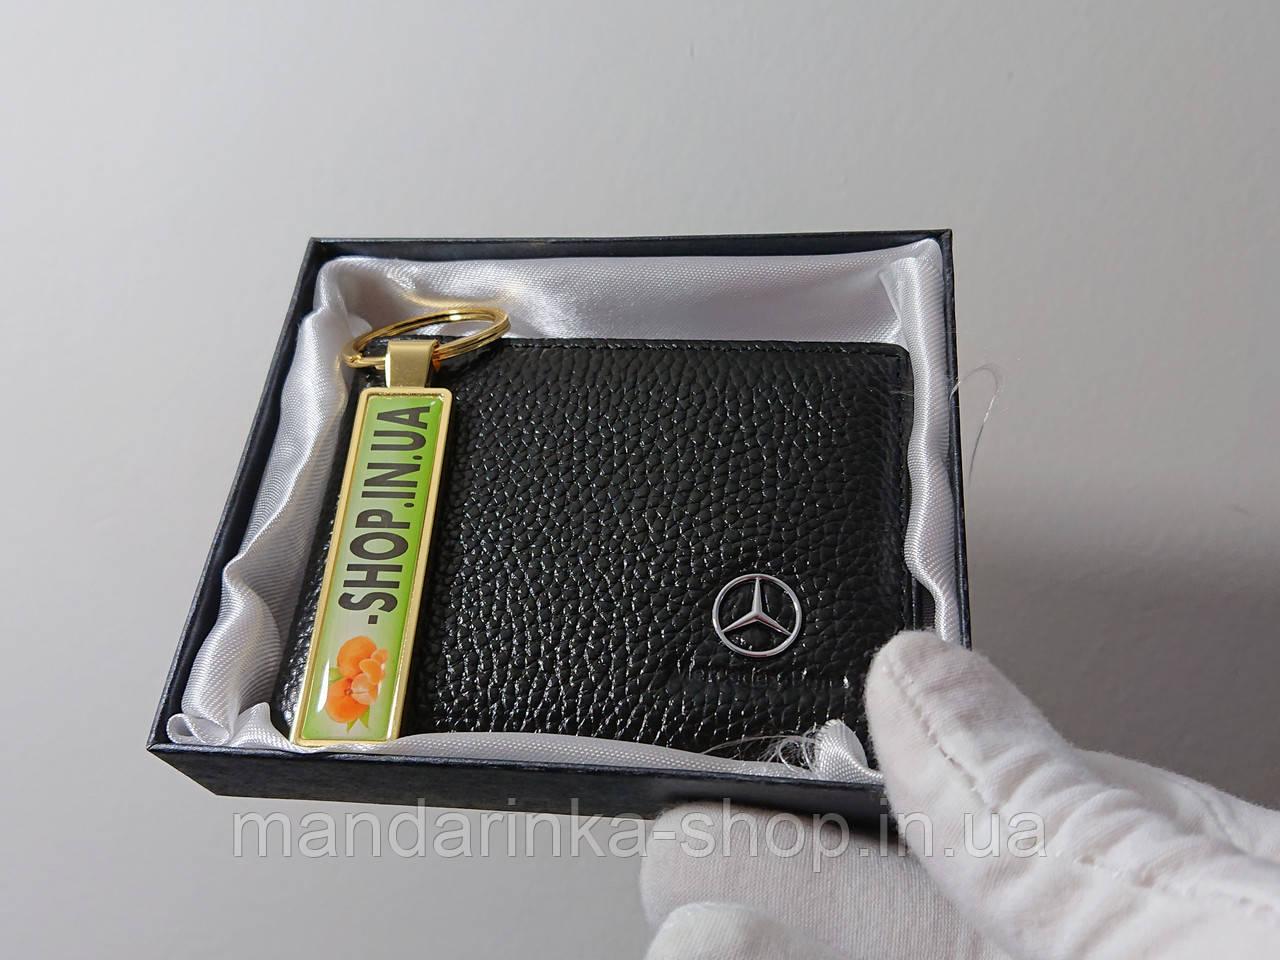 Обкладинка для автодокументів з логотипом Mercedes